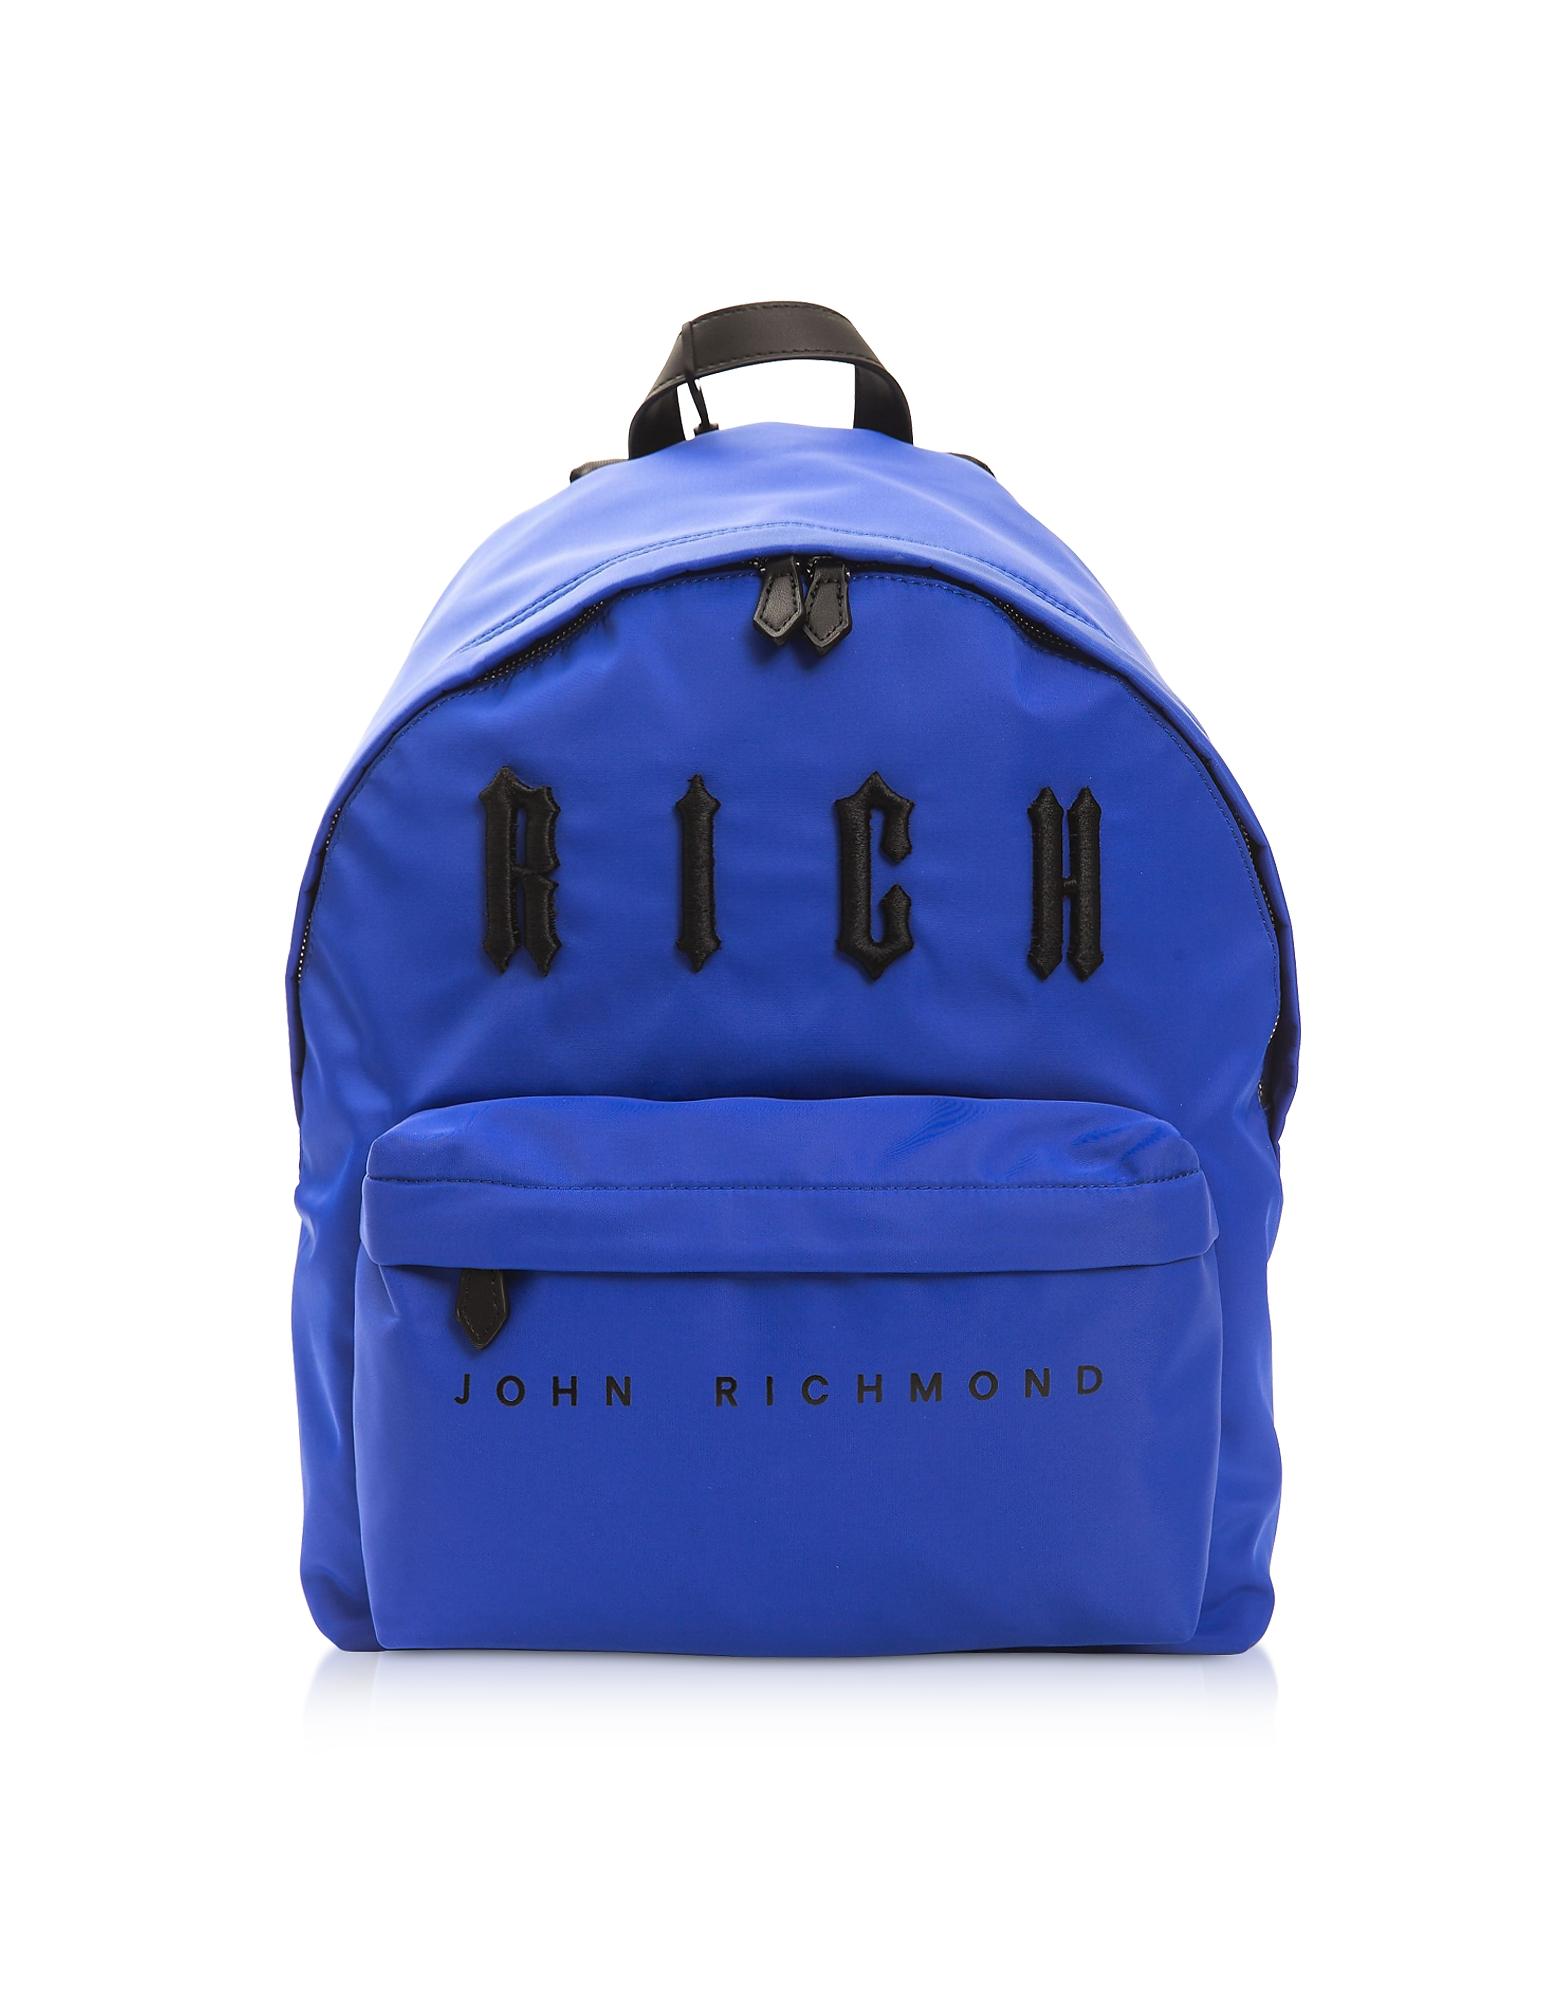 John Richmond Designer Men's Bags, Antec Ocean & Black Nylon Backpack